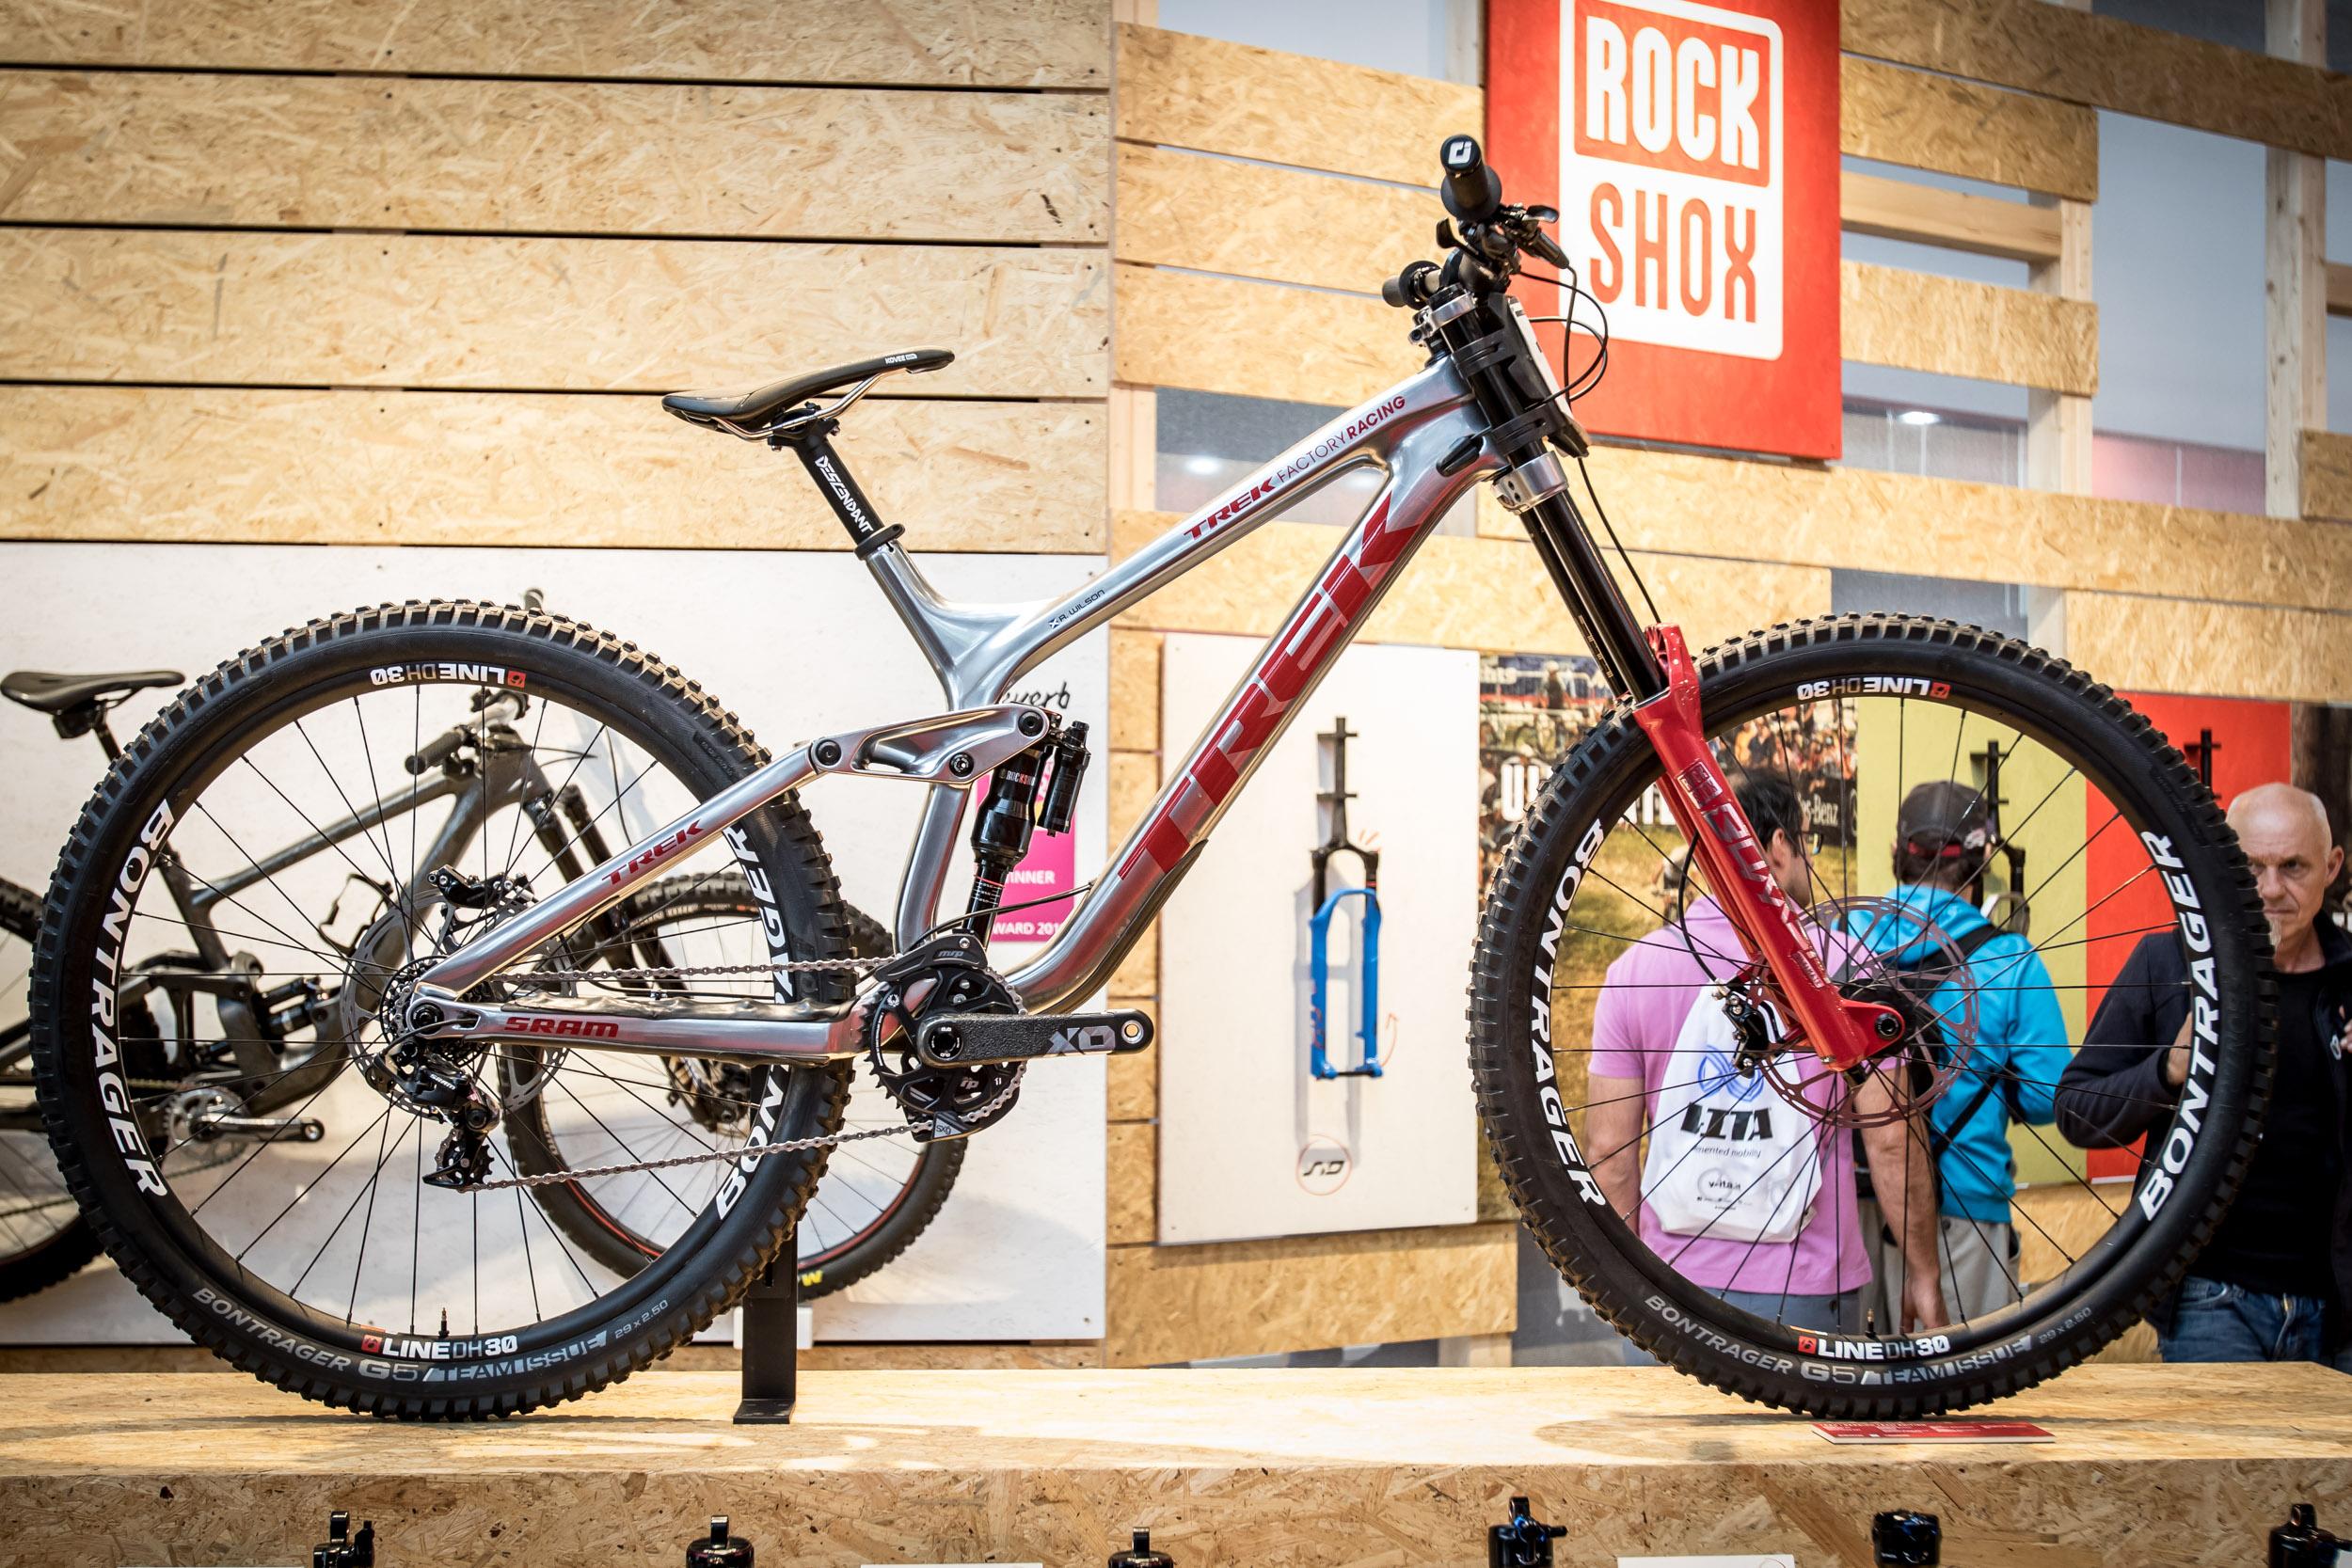 Und noch ein Downhiller zum Drüberstreuen: Reece Wilsons Trek Factory Bike mit RockShox Boxxer Ultimate.